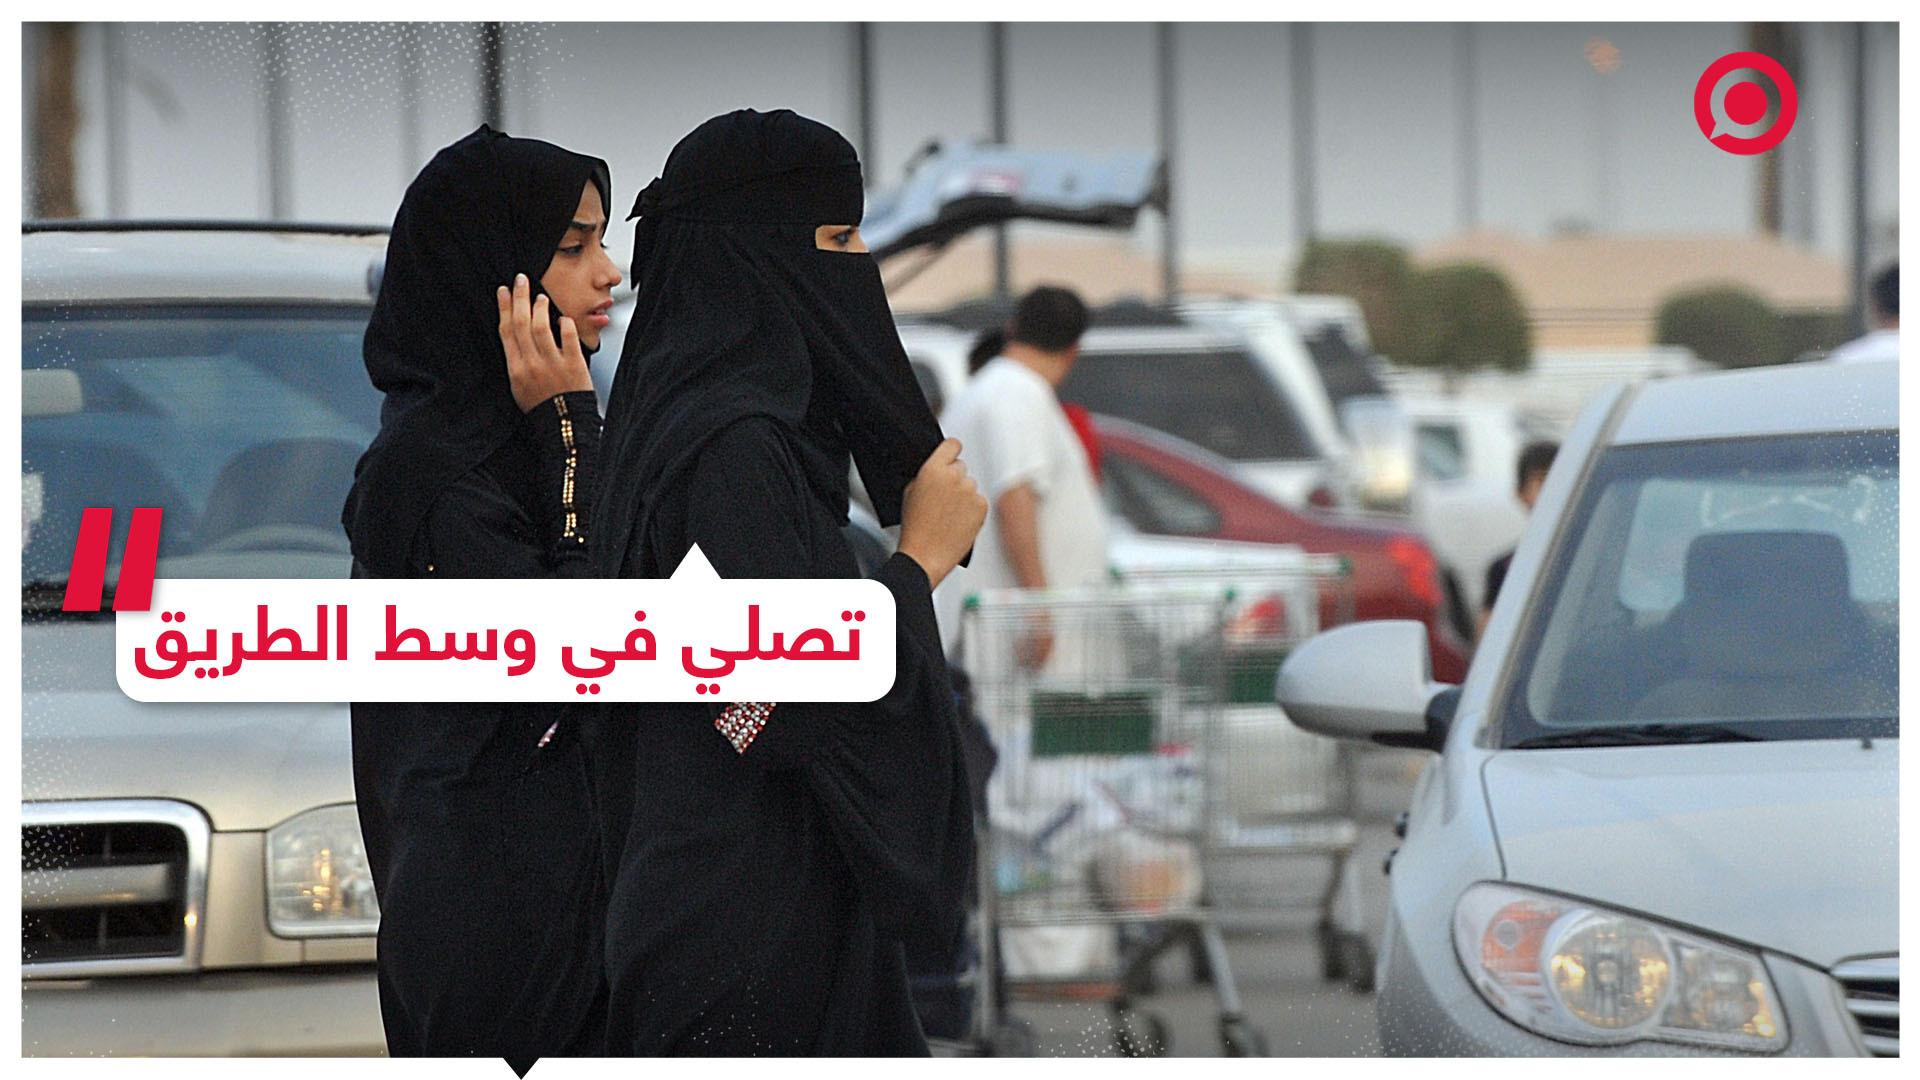 مشهد لفتاة سعودية تصلي وسط الطريق في الرياض يثير الجدل